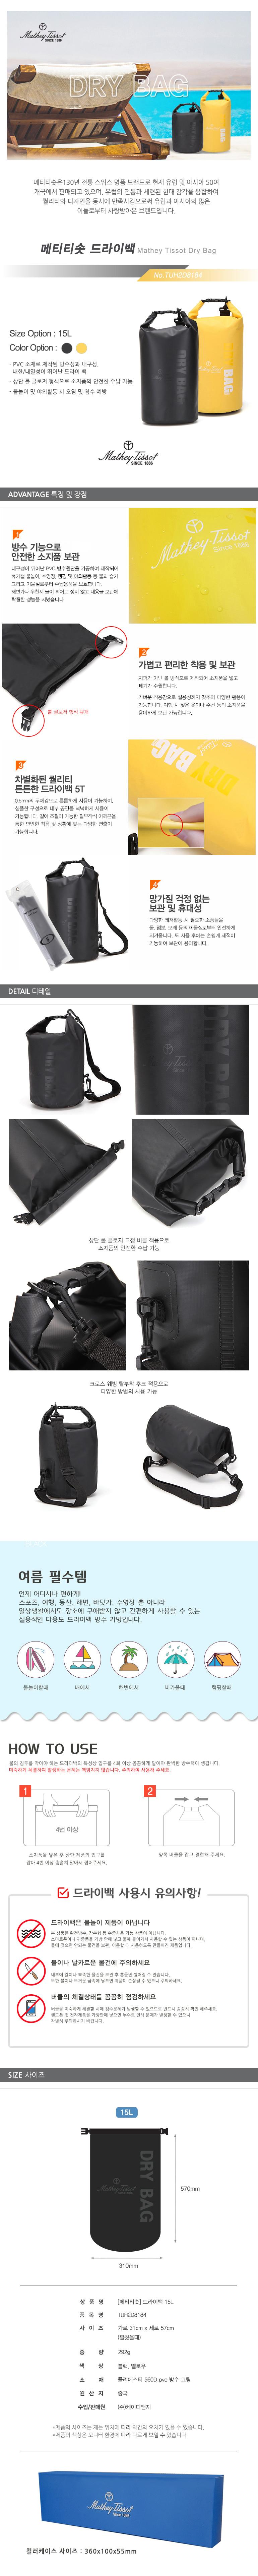 drybag_15l_case.jpg